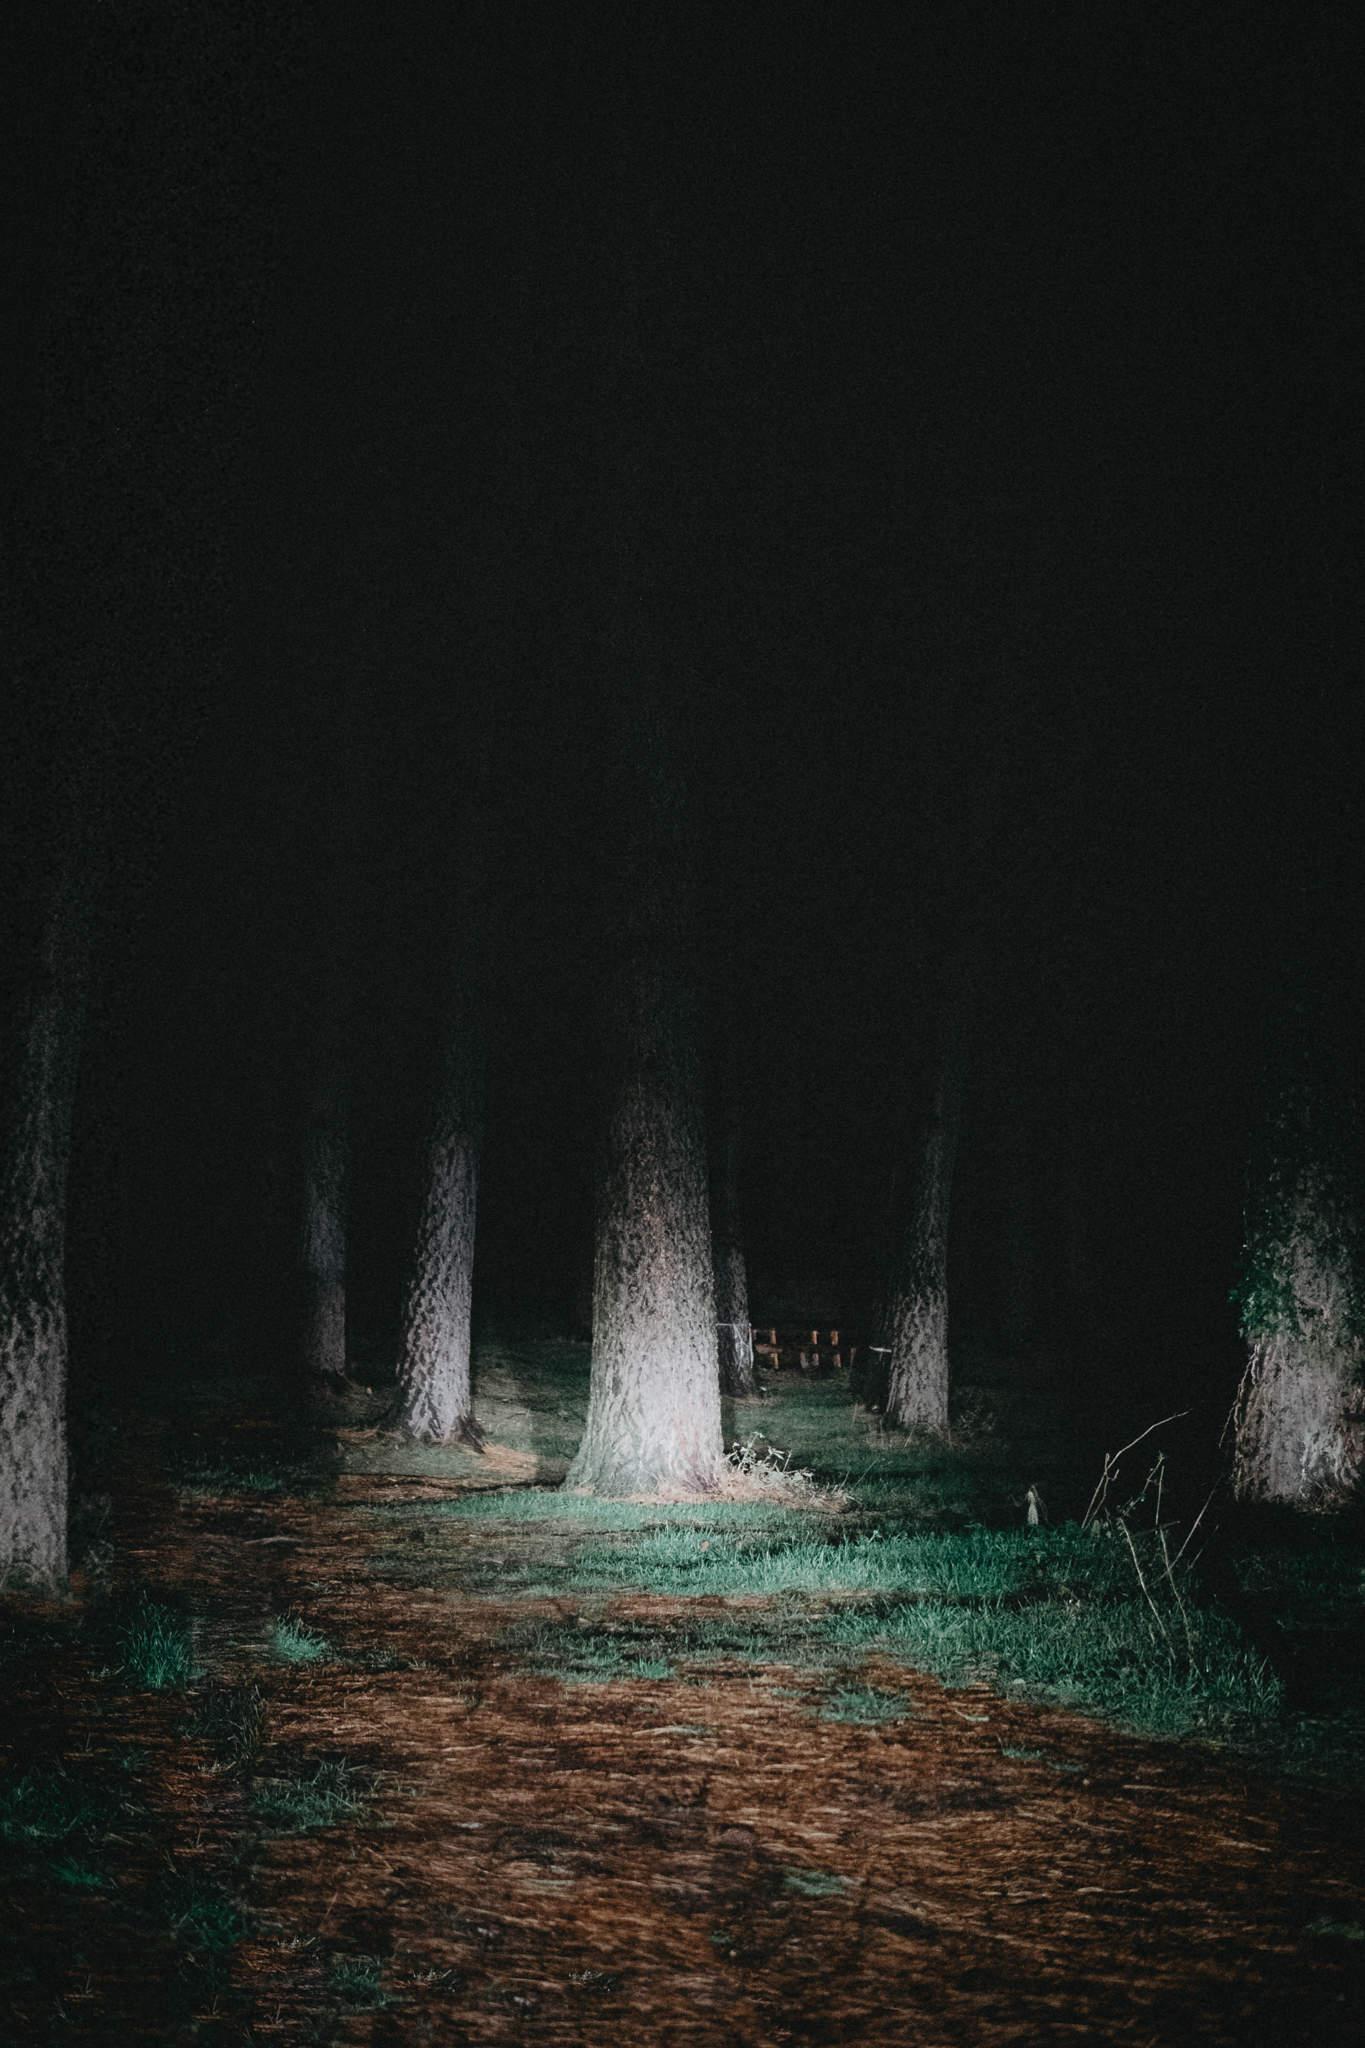 nel bosco di notte da soli senza luce come un incubo